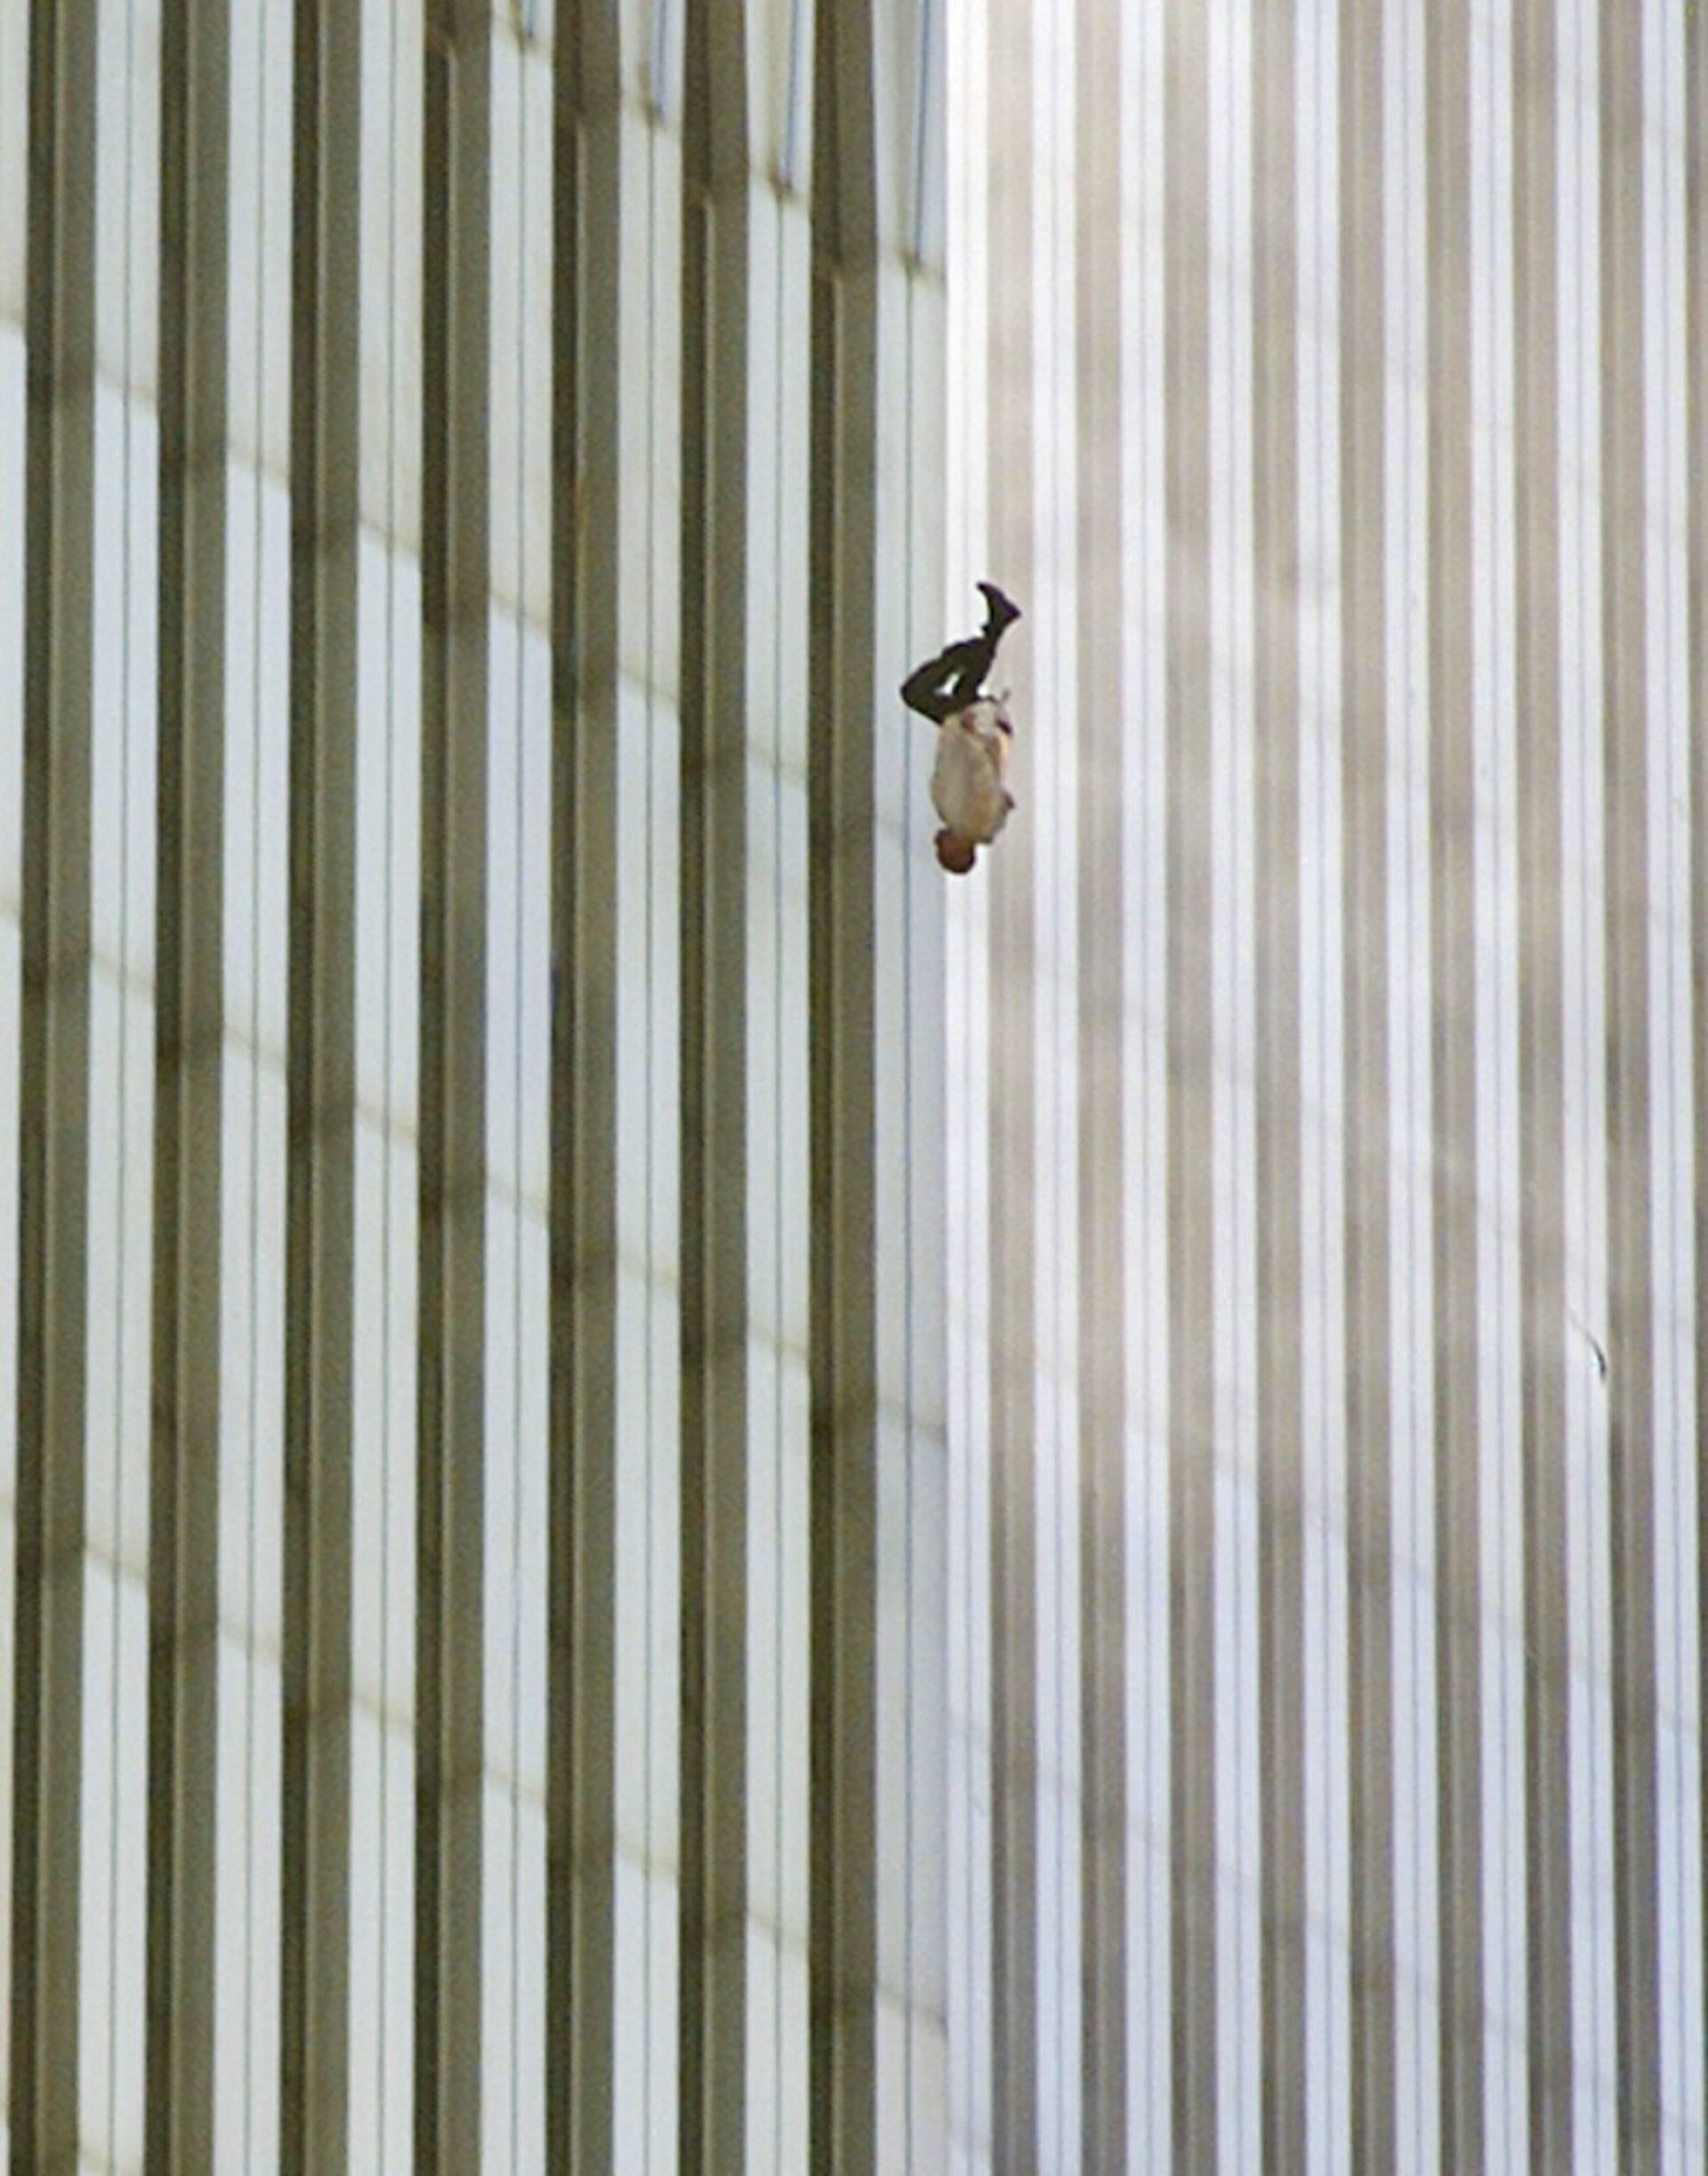 11.9.2001: WTC:n syyskuun 11. päivän terrori-iskuista 20 vuotta - Uutiset -  Ilta-Sanomat